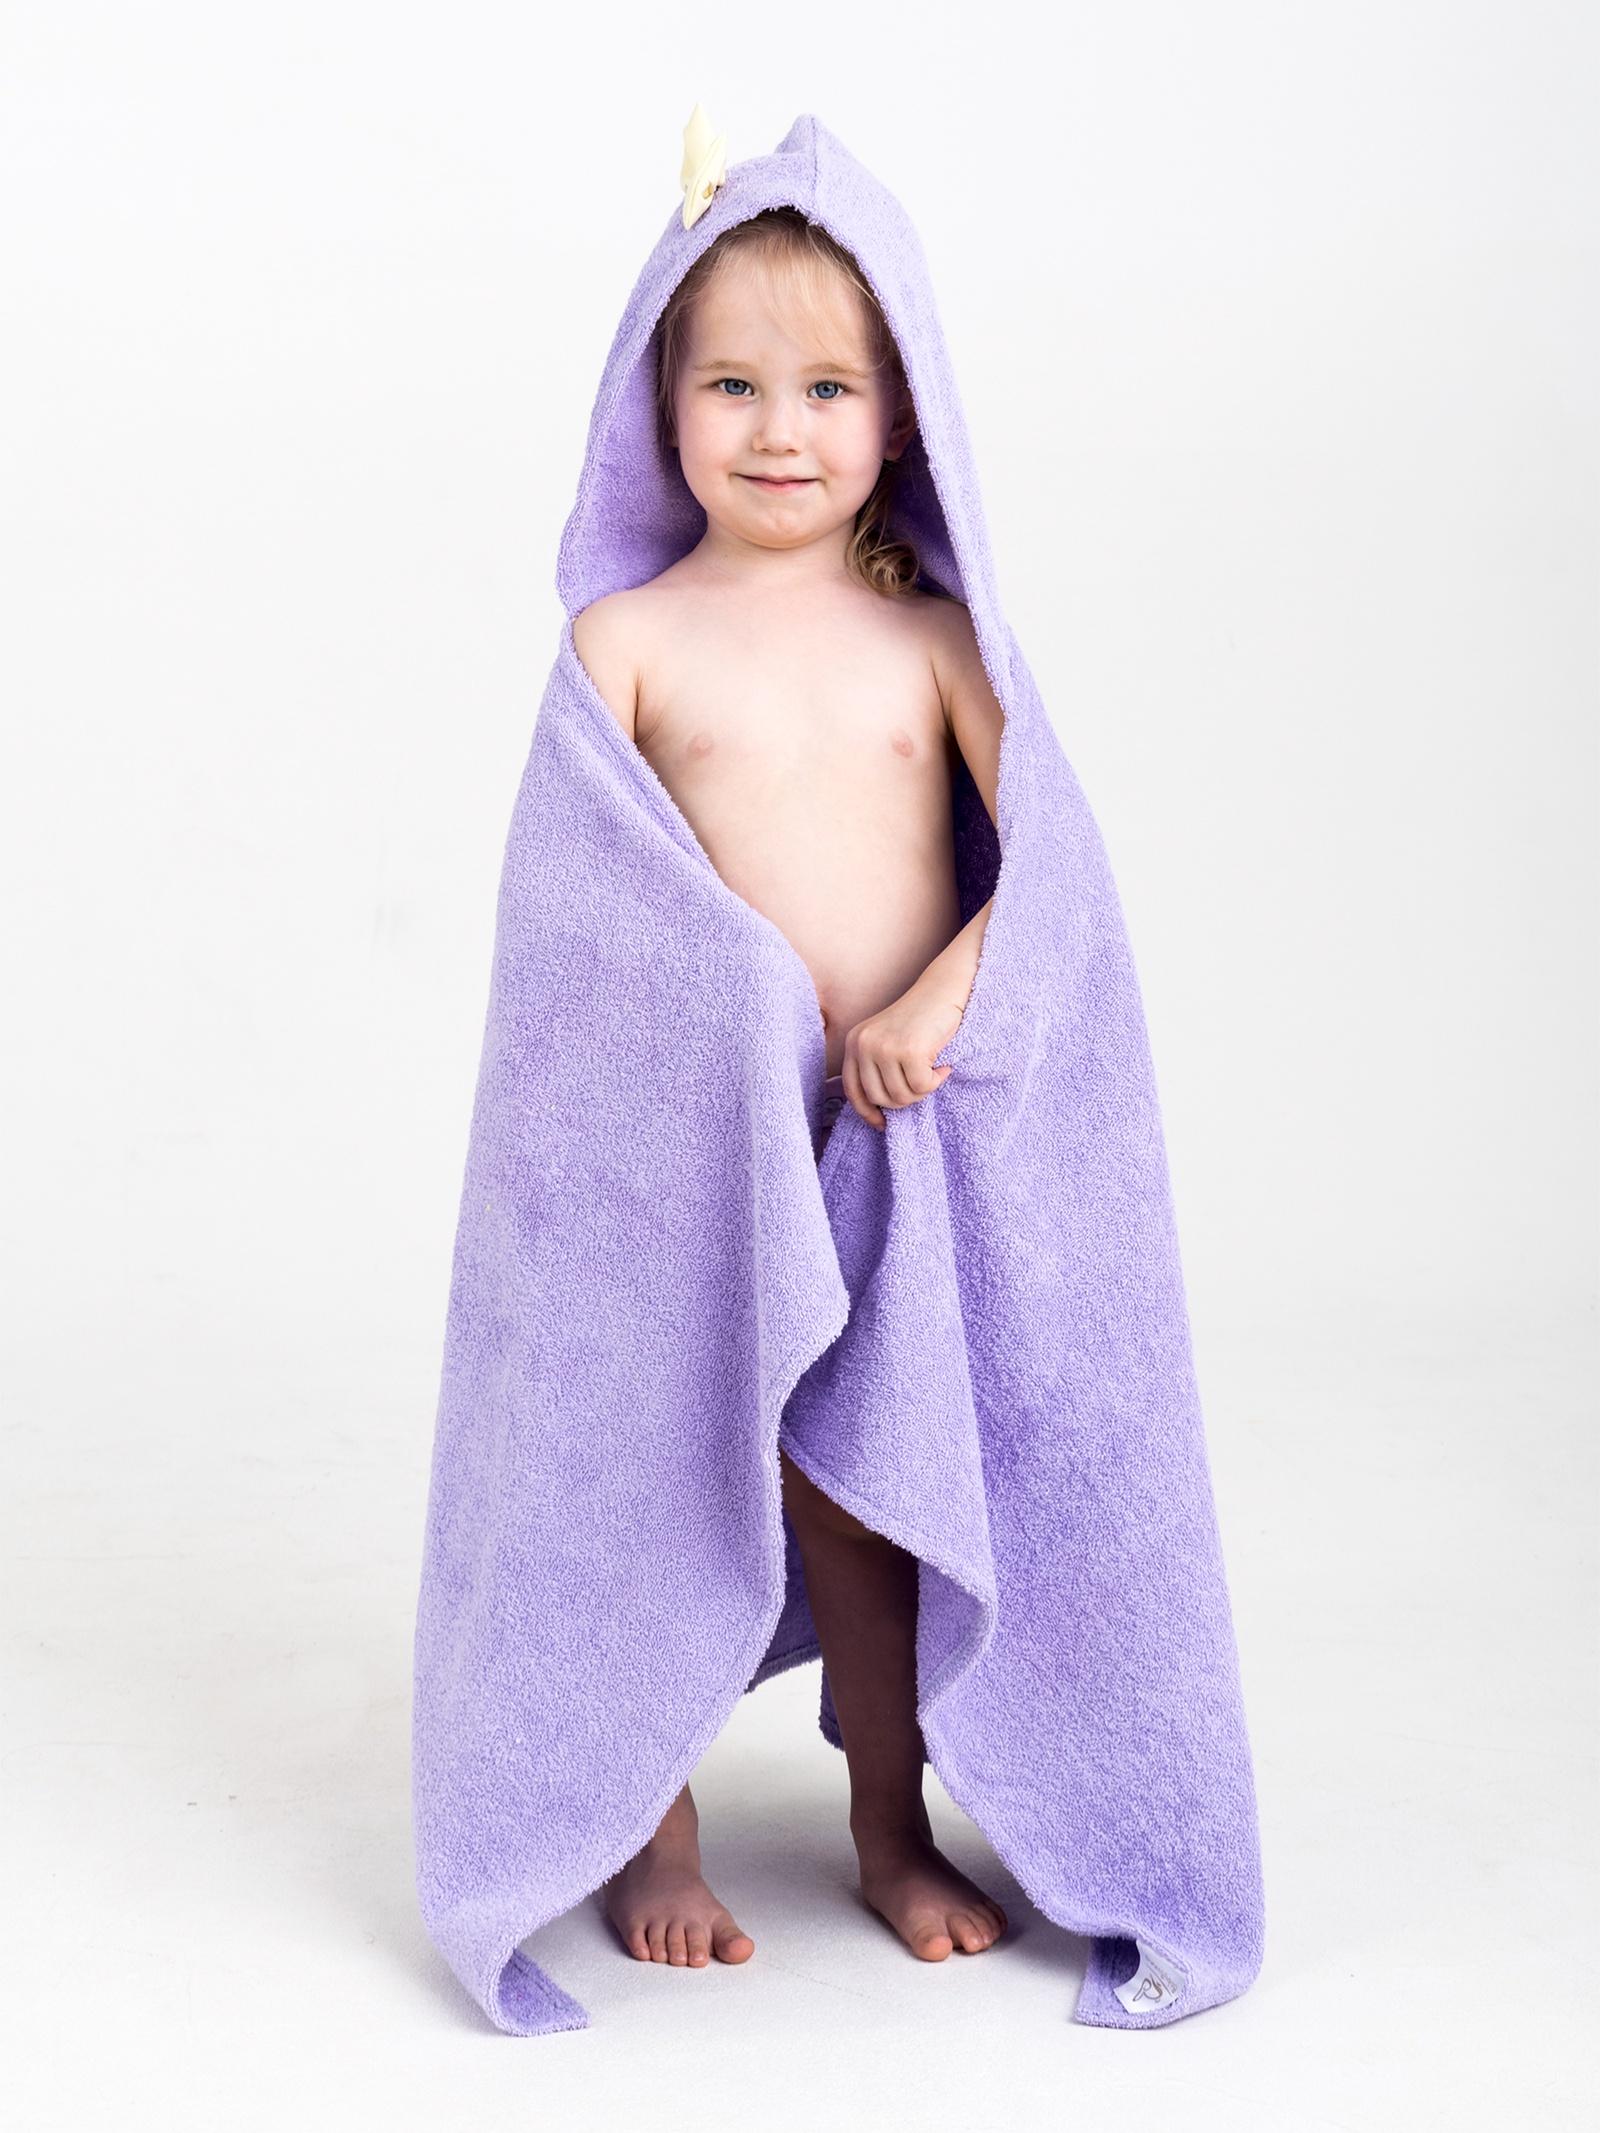 Полотенце с капюшоном BabyBunny - Лиловое, M, сиреневый imsevimse полотенце с капюшоном cова